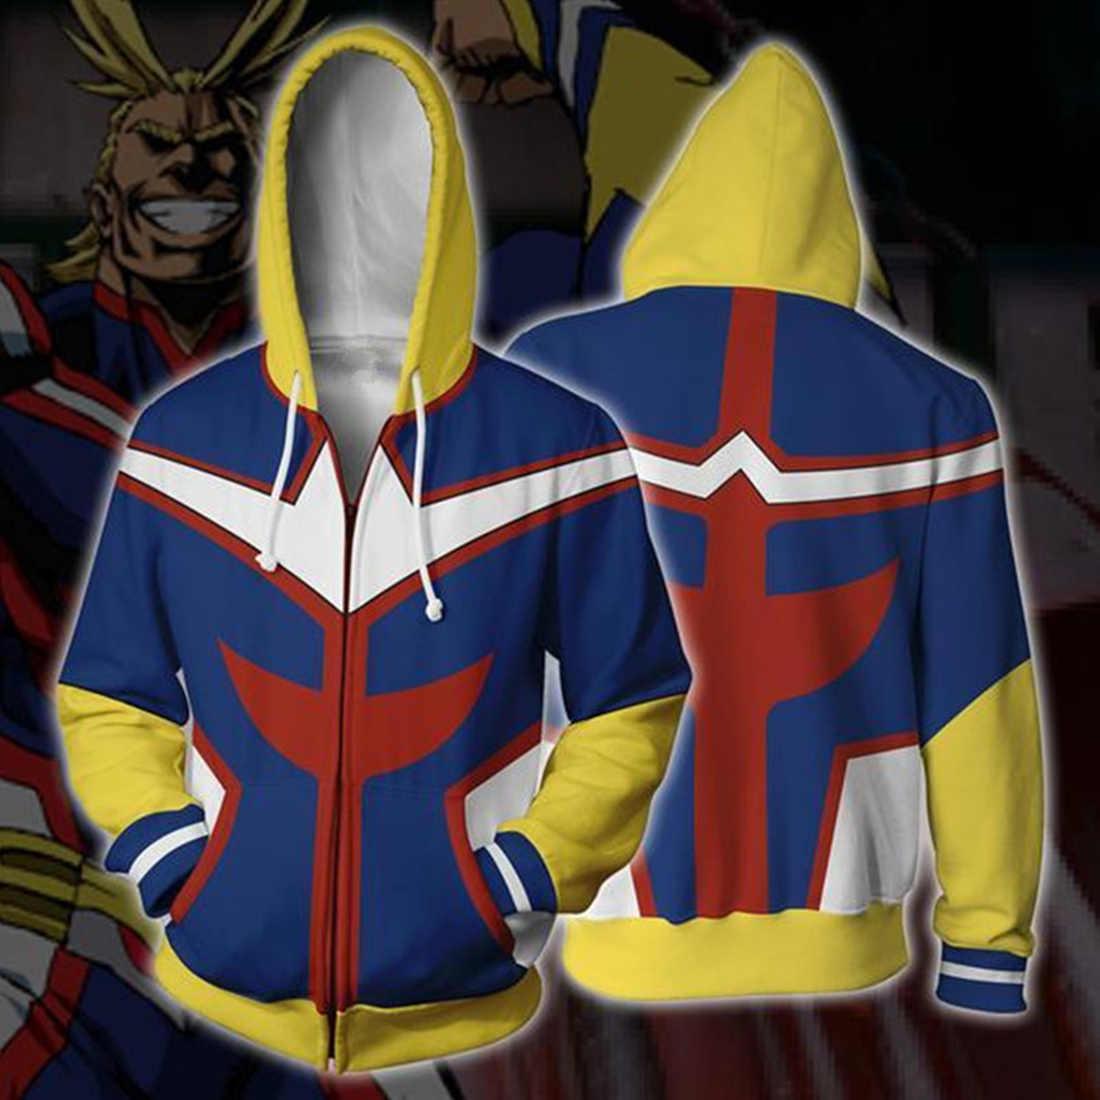 New 2019 3D My Hero Academia Hoodies 남성 캐주얼 애니메이션 남성 Hoodie Cosplay Costume Sweatshirt Streetwear 지퍼 탑 자켓